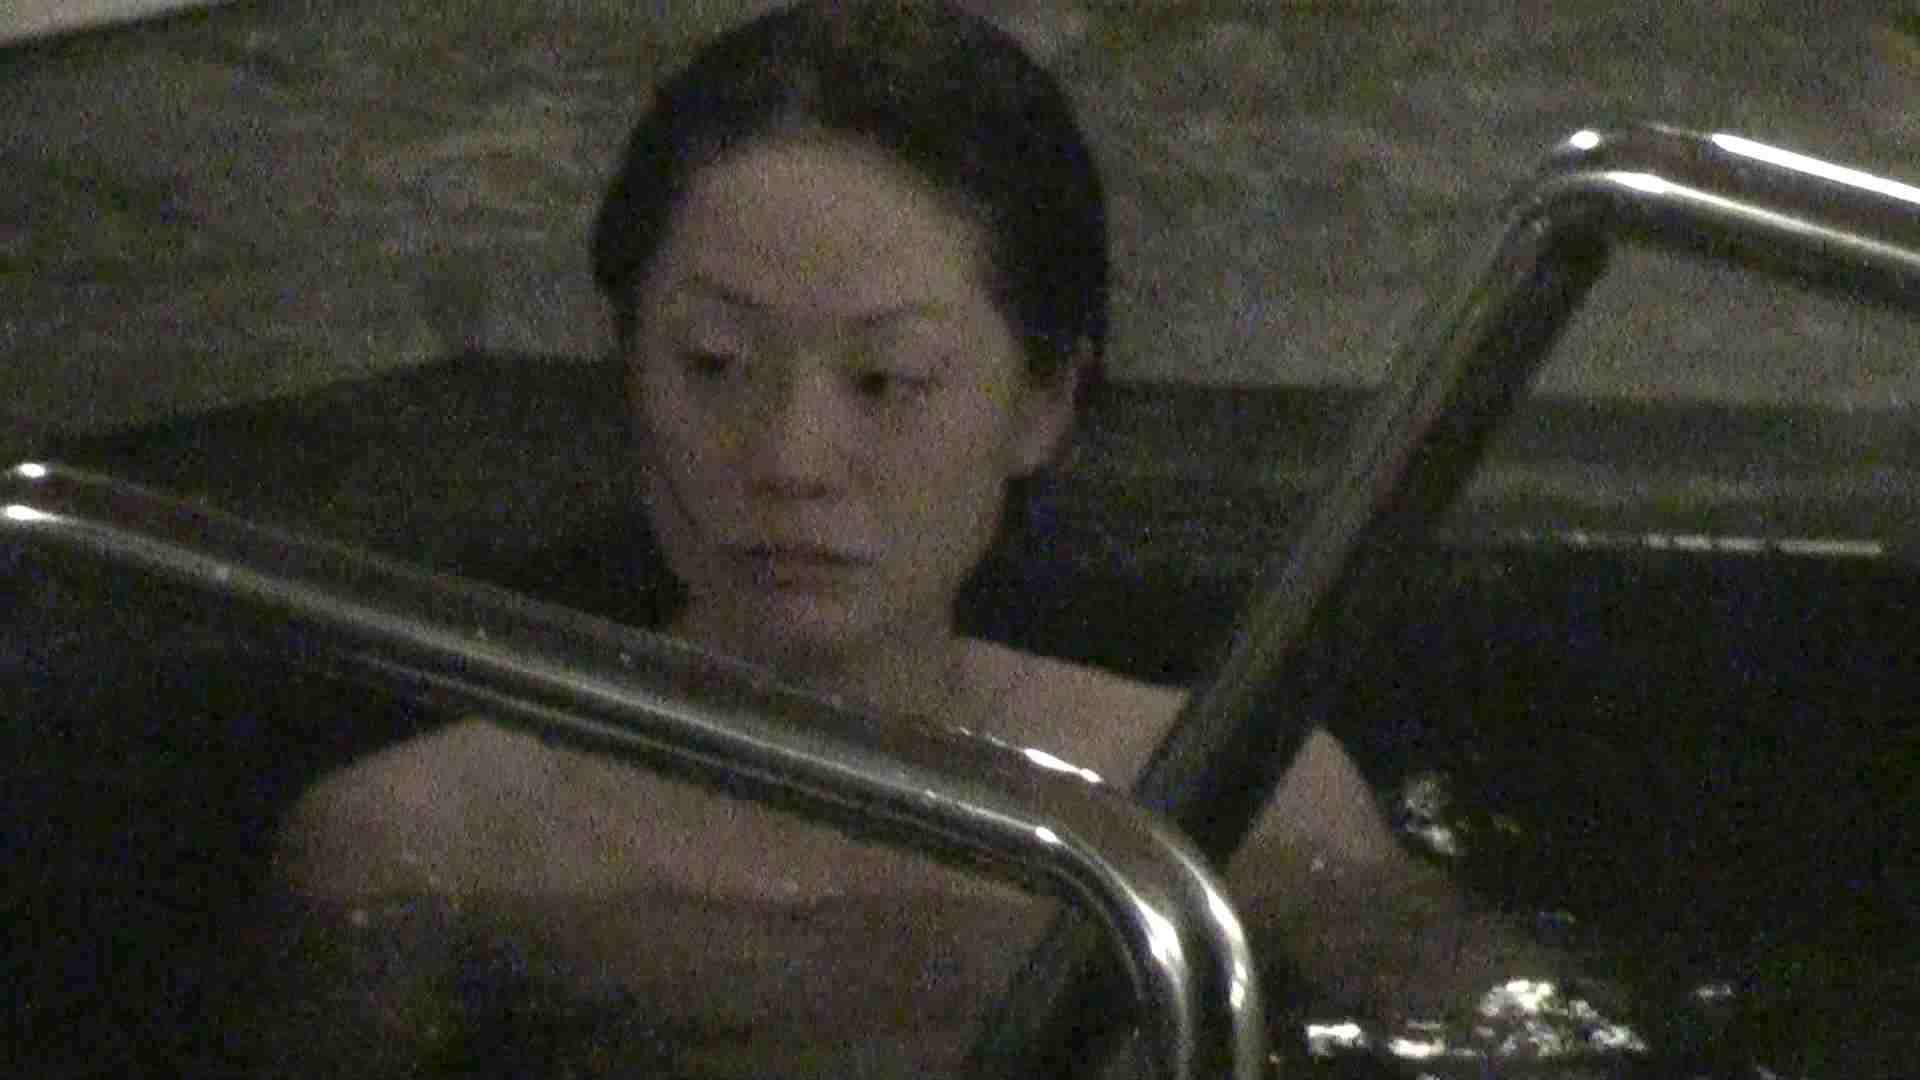 Aquaな露天風呂Vol.318 露天風呂突入 隠し撮りオマンコ動画紹介 105pic 89